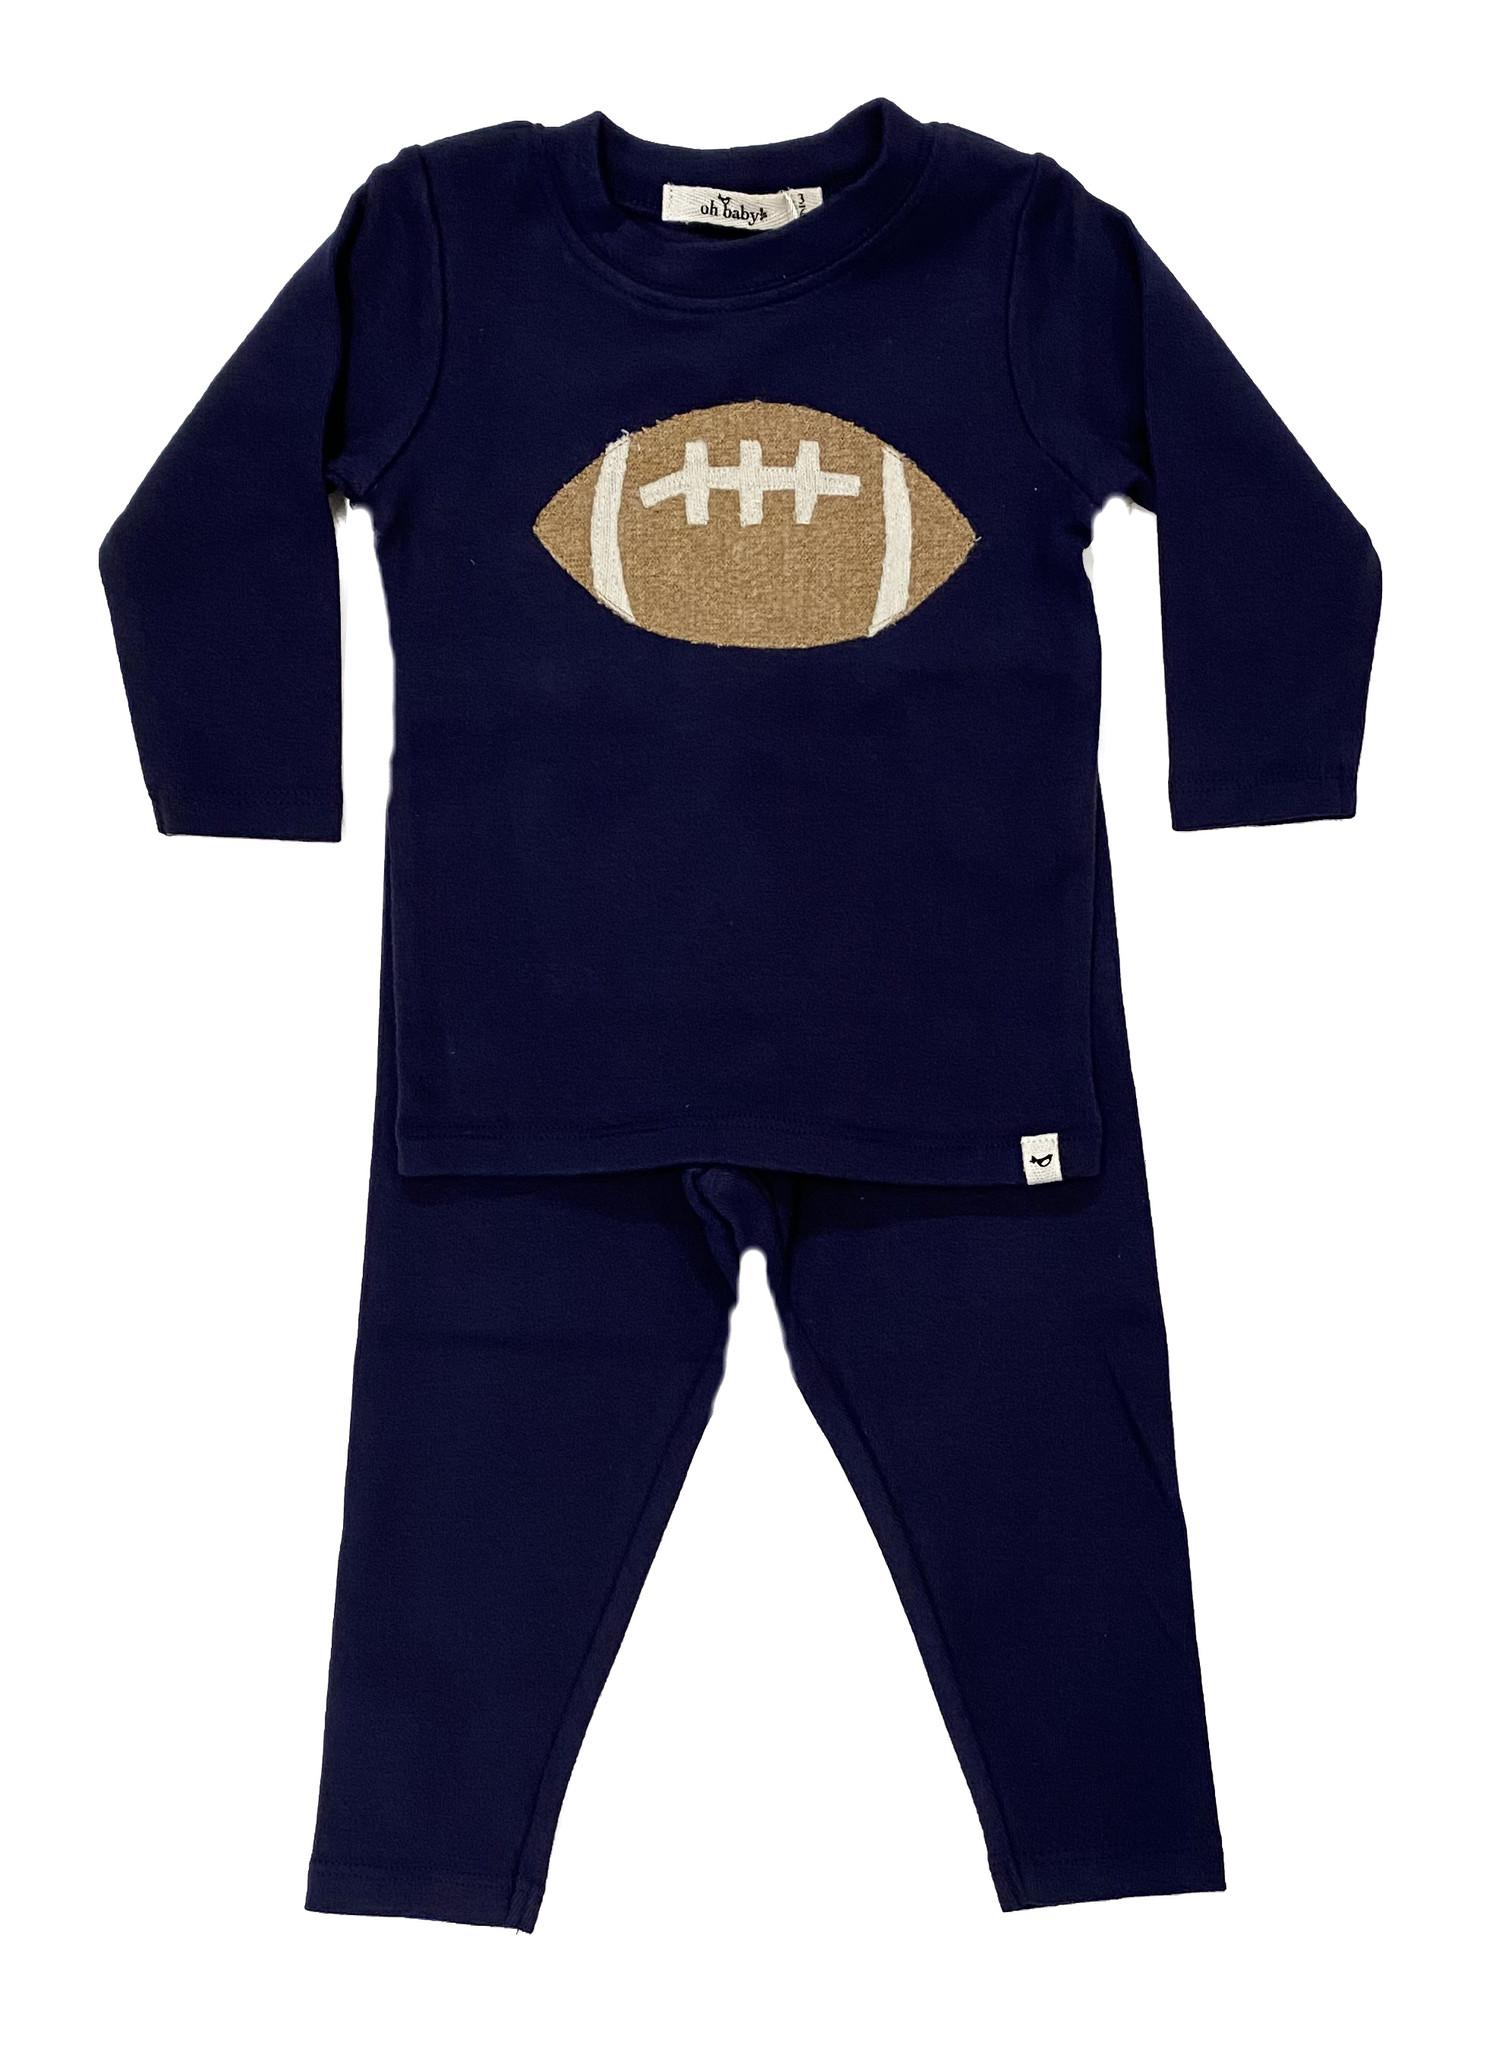 Oh Baby Navy Football Set